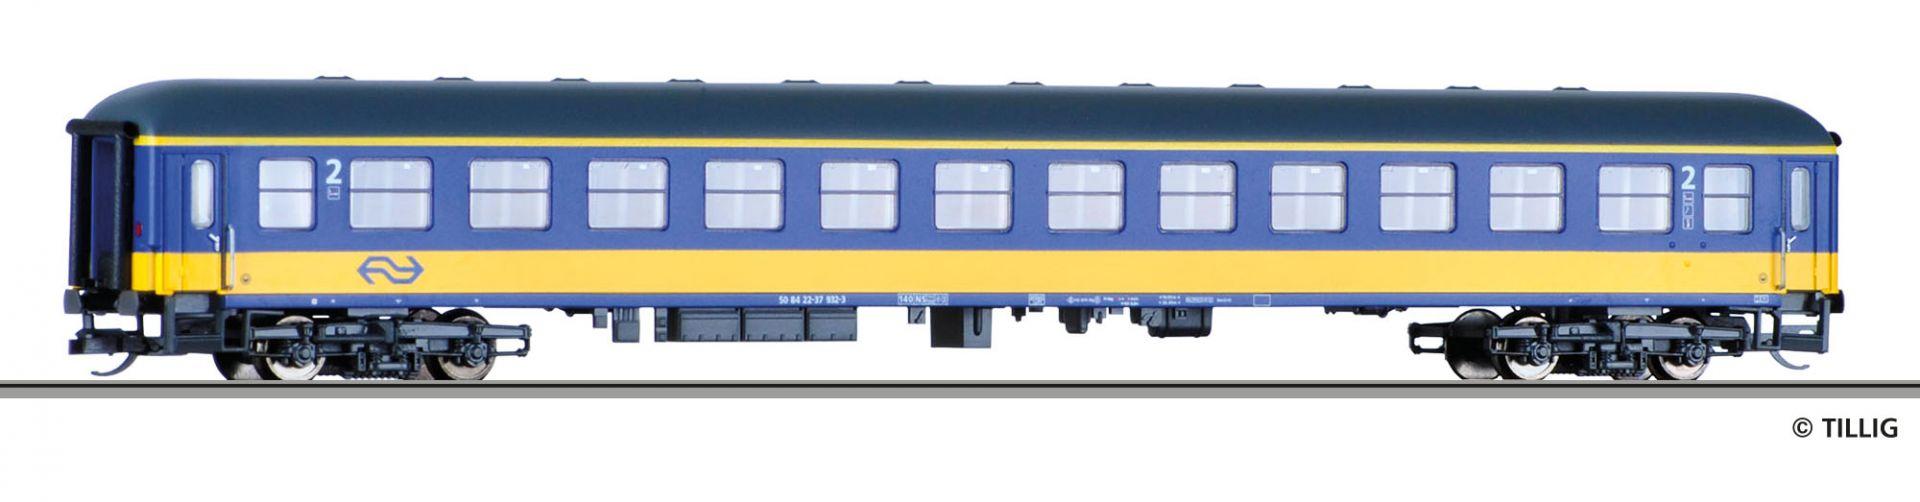 16205   Reisezugwagen NS -werksseitig ausverkauft-